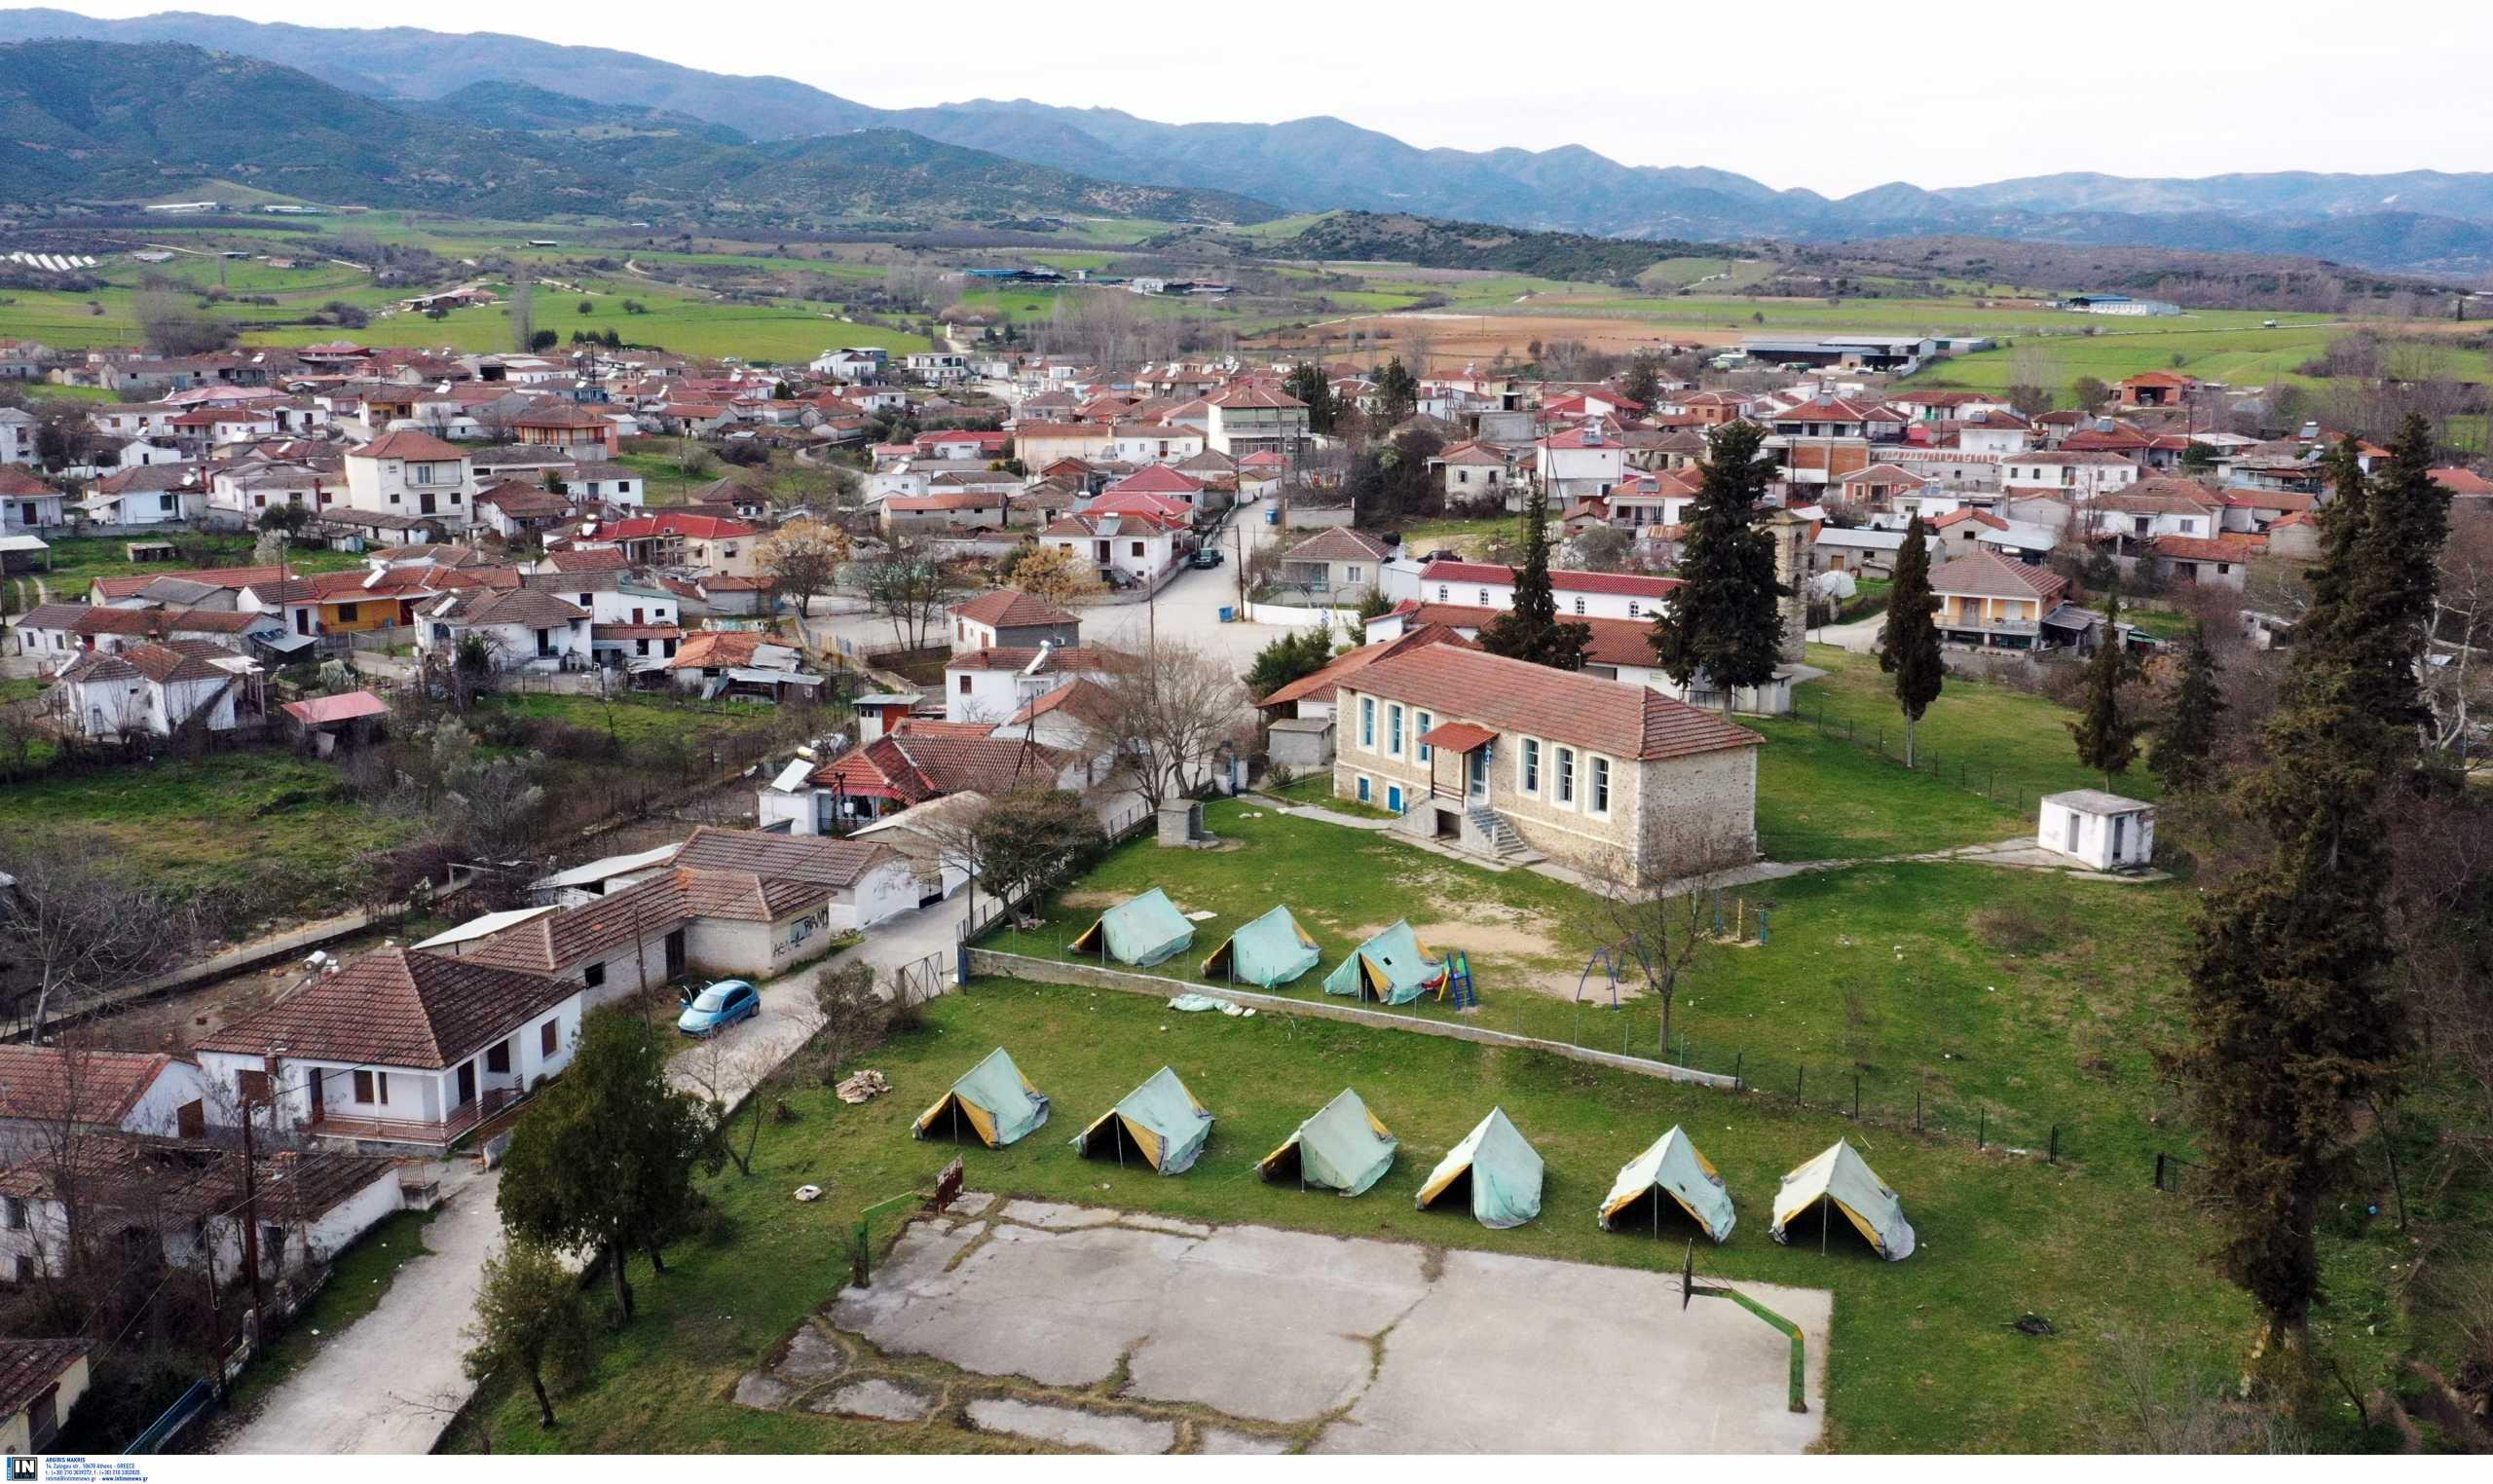 Λάρισα: Έφτασαν οι πρώτοι οικίσκοι για τη φιλοξενία των σεισμόπληκτων